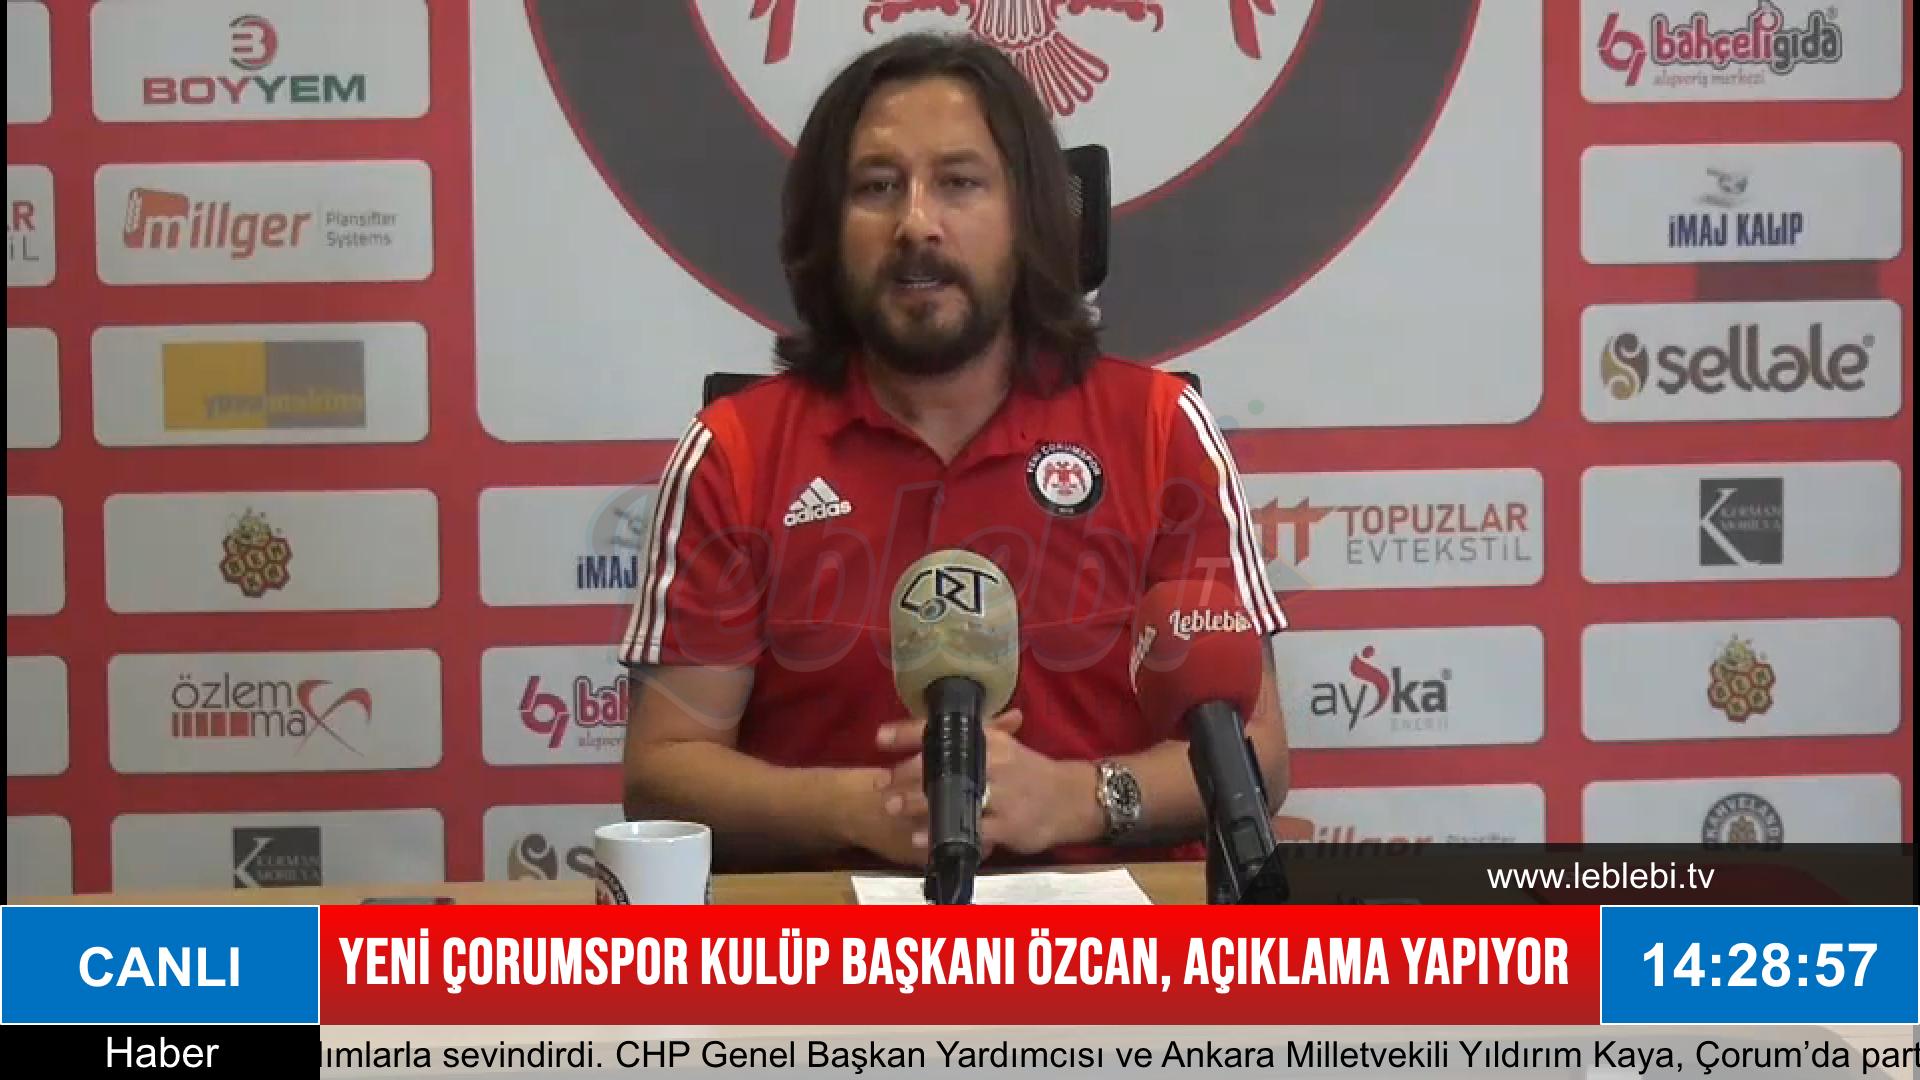 Yeni Çorumspor Kulüp Başkanı Fatih Özcan'dan Açıklamalar